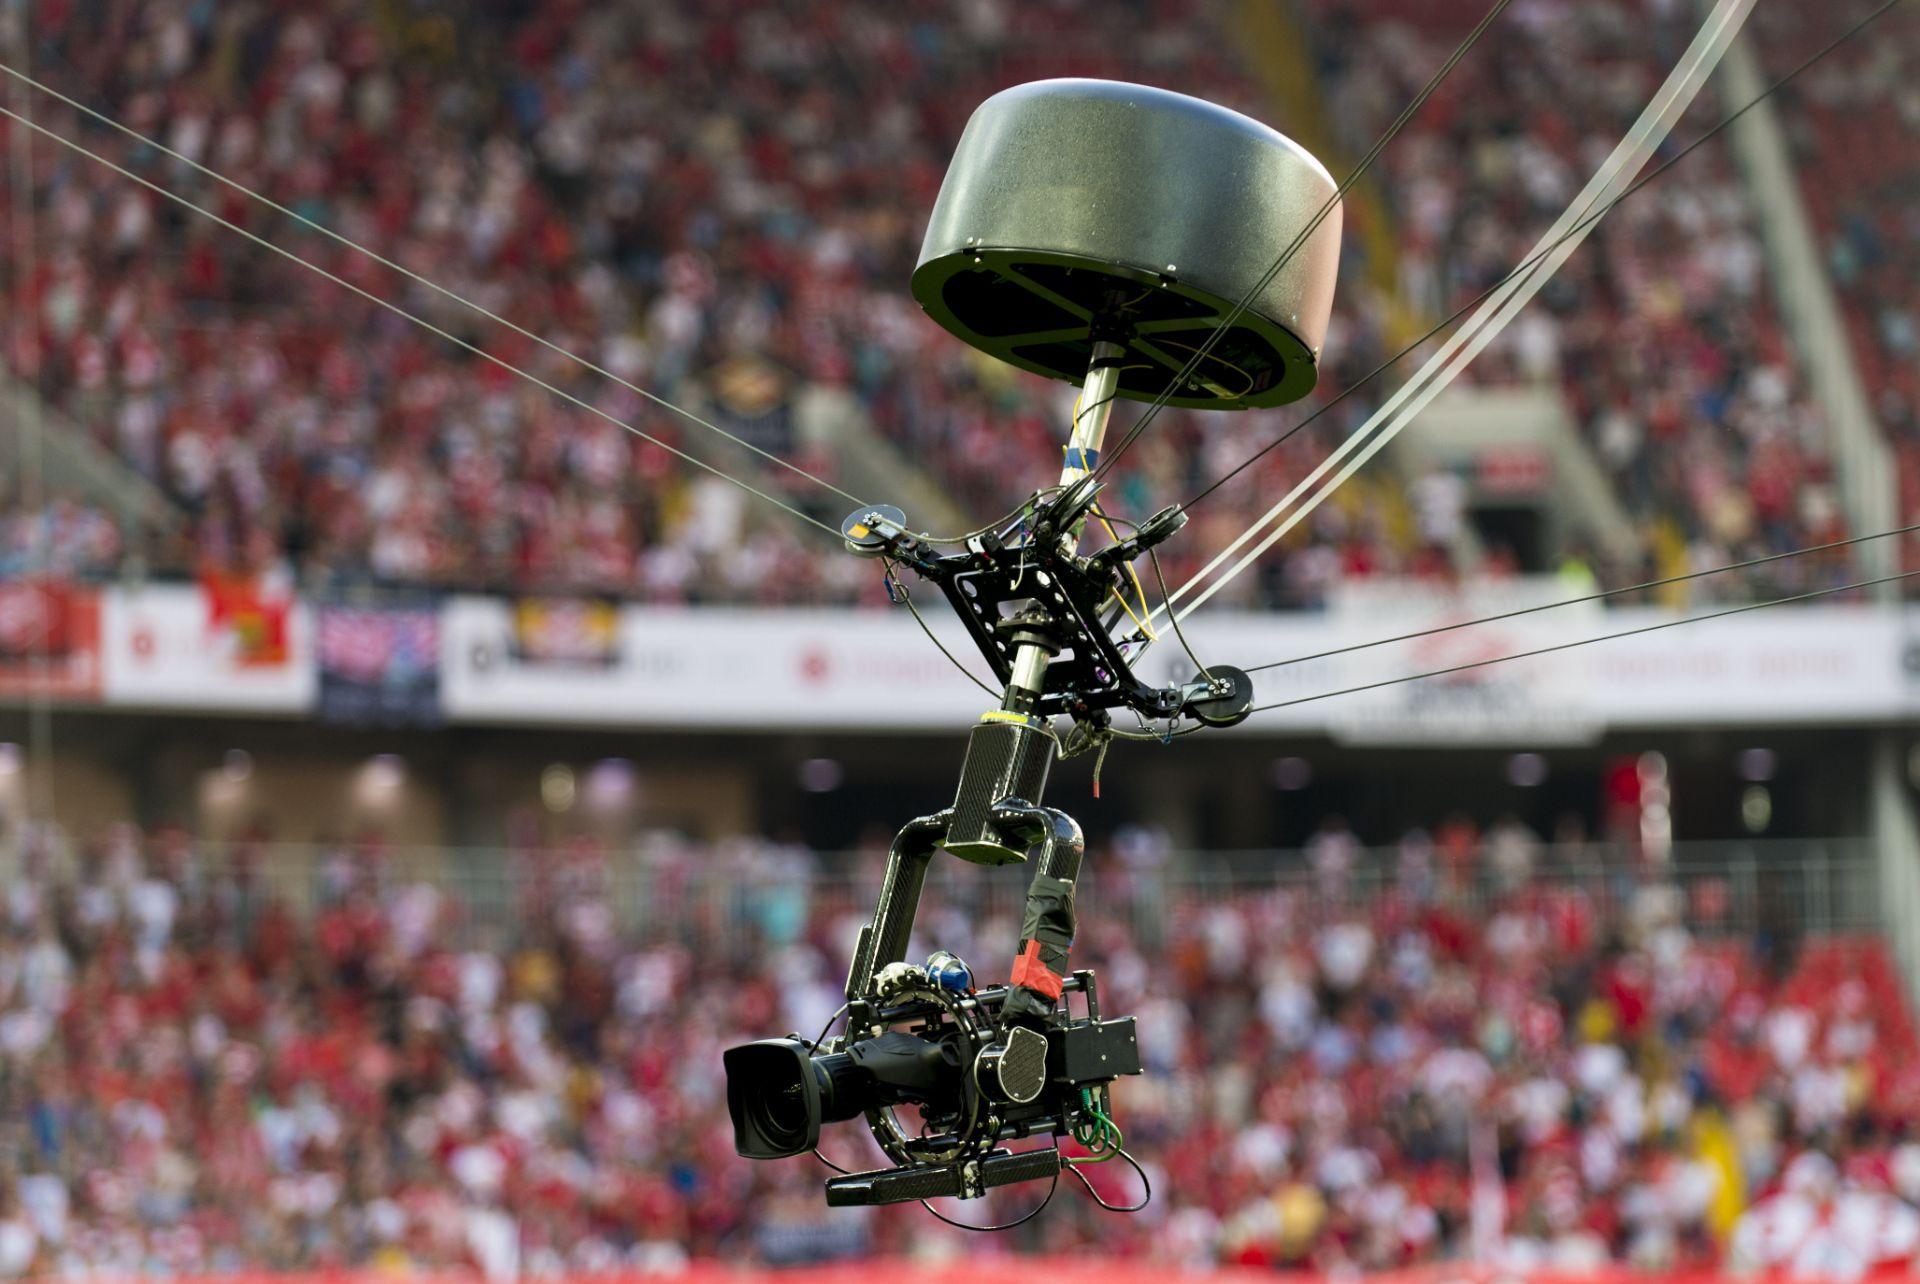 Embaucher un opérateur de caméra par câble